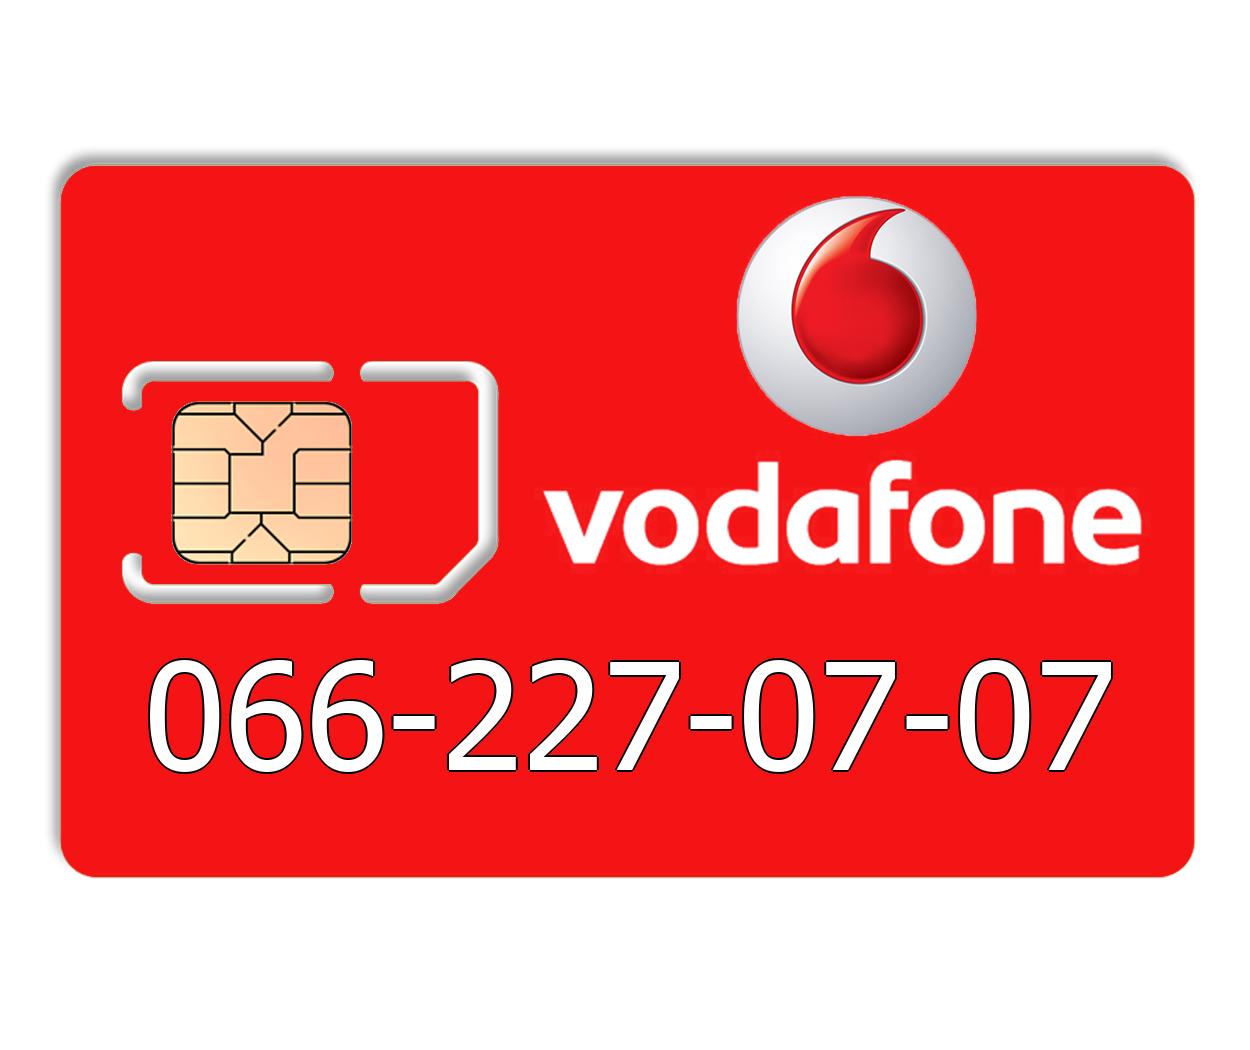 Красивый номер Vodafone 066-227-07-07